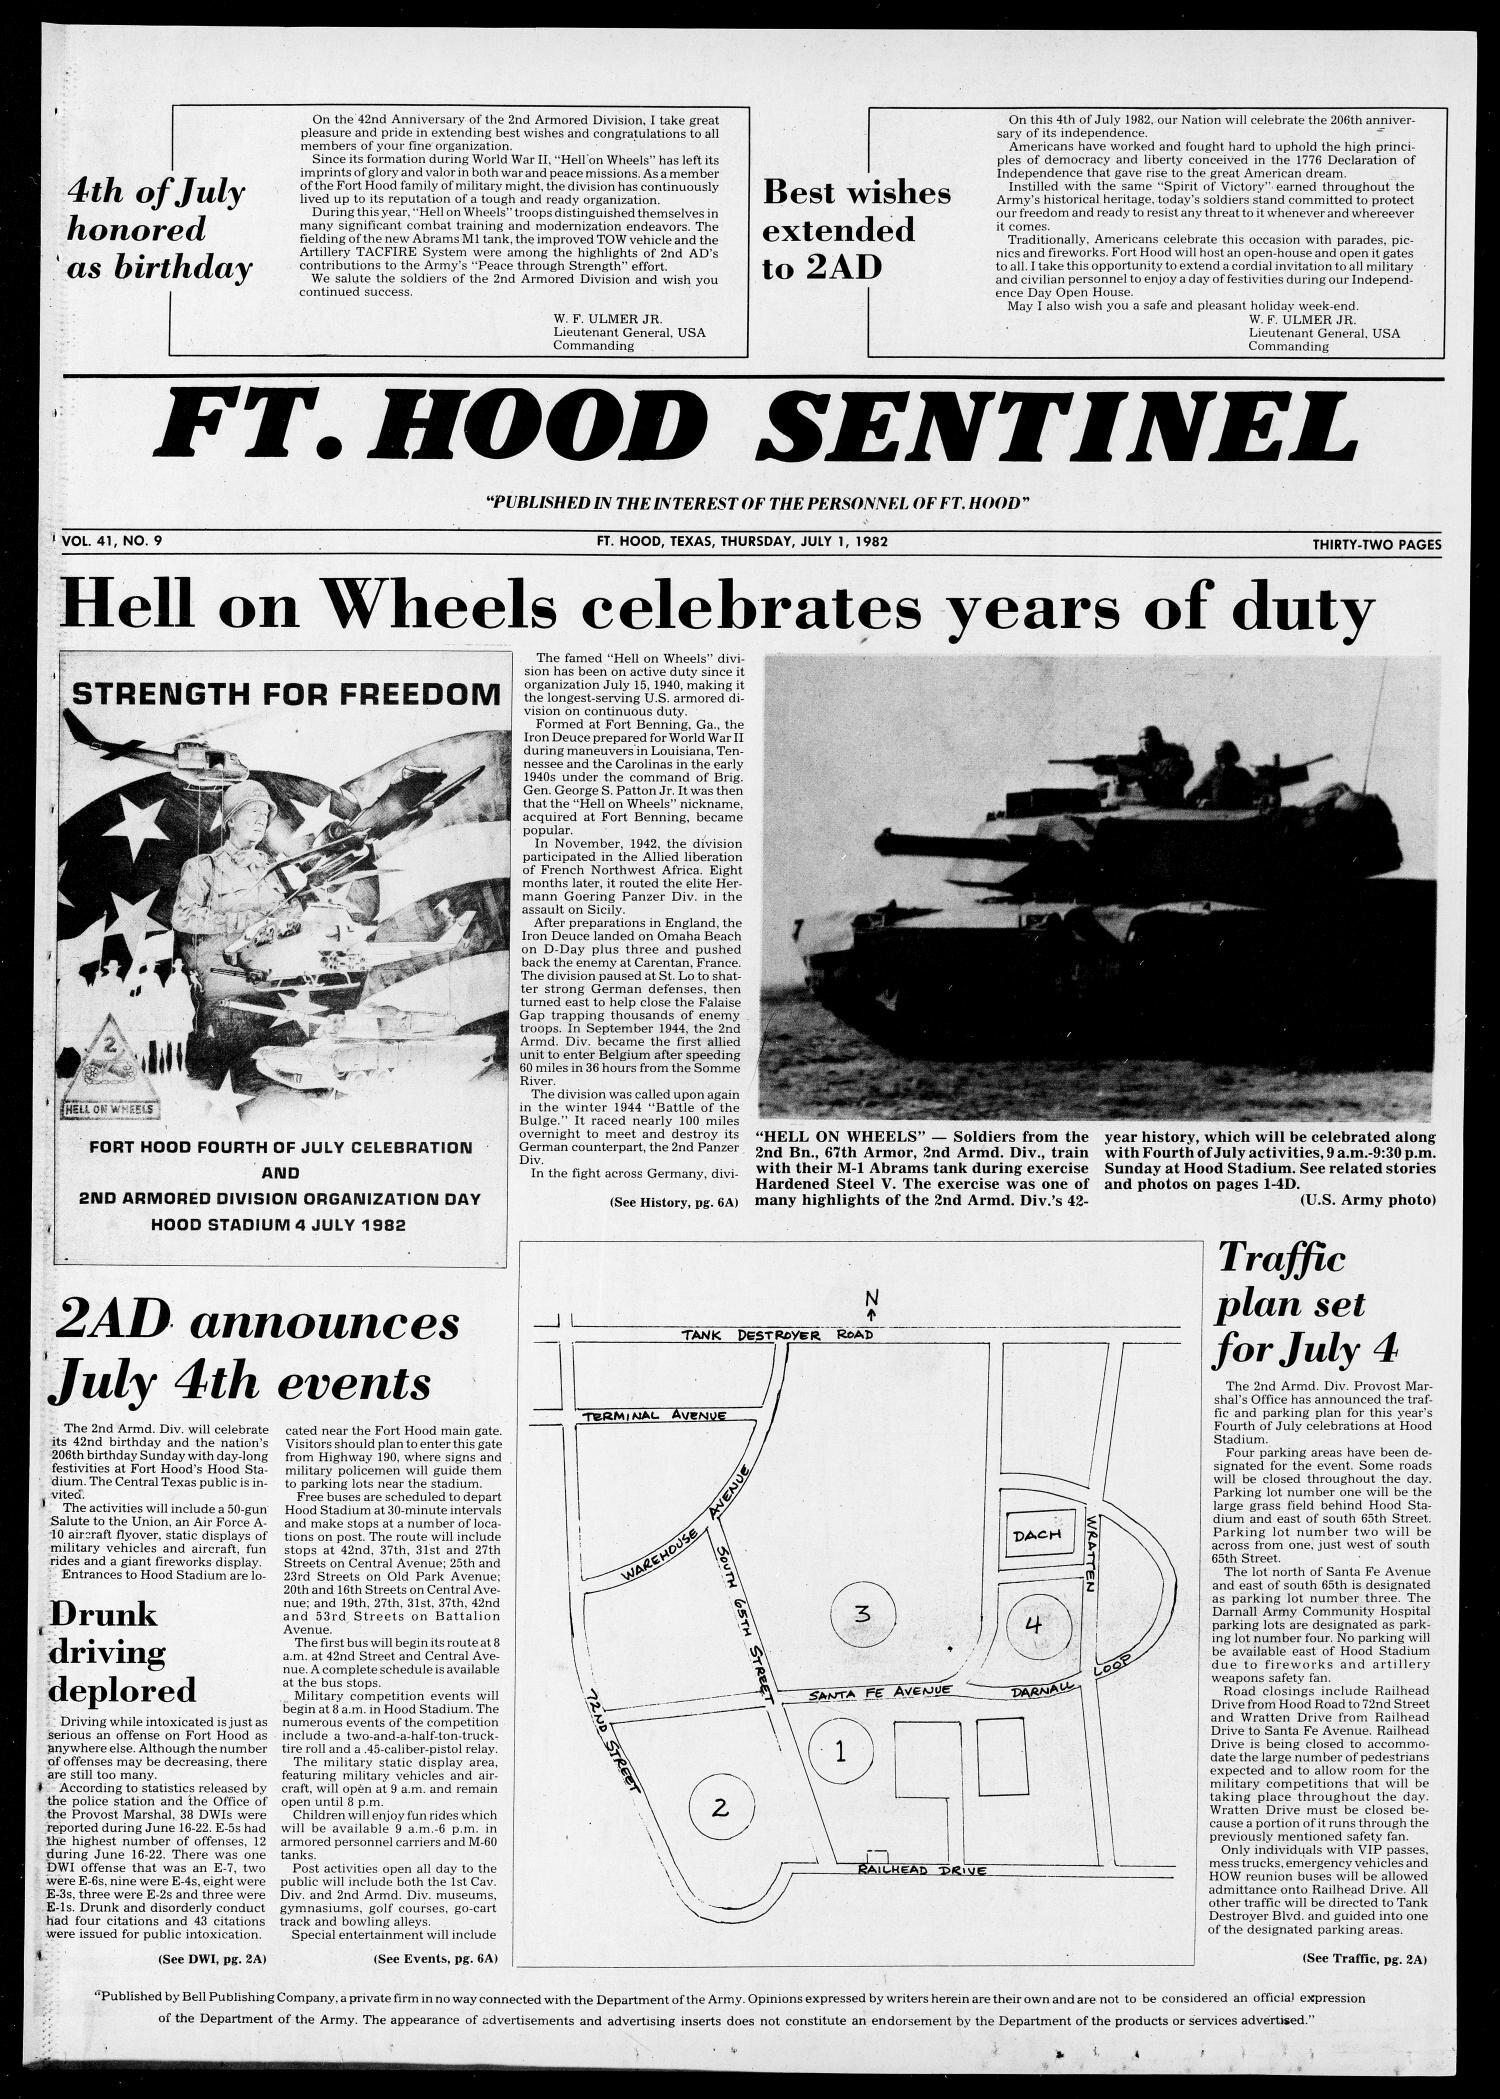 FT. HOOD SENTINEL_1 JUL 1982_PG 1.jpg